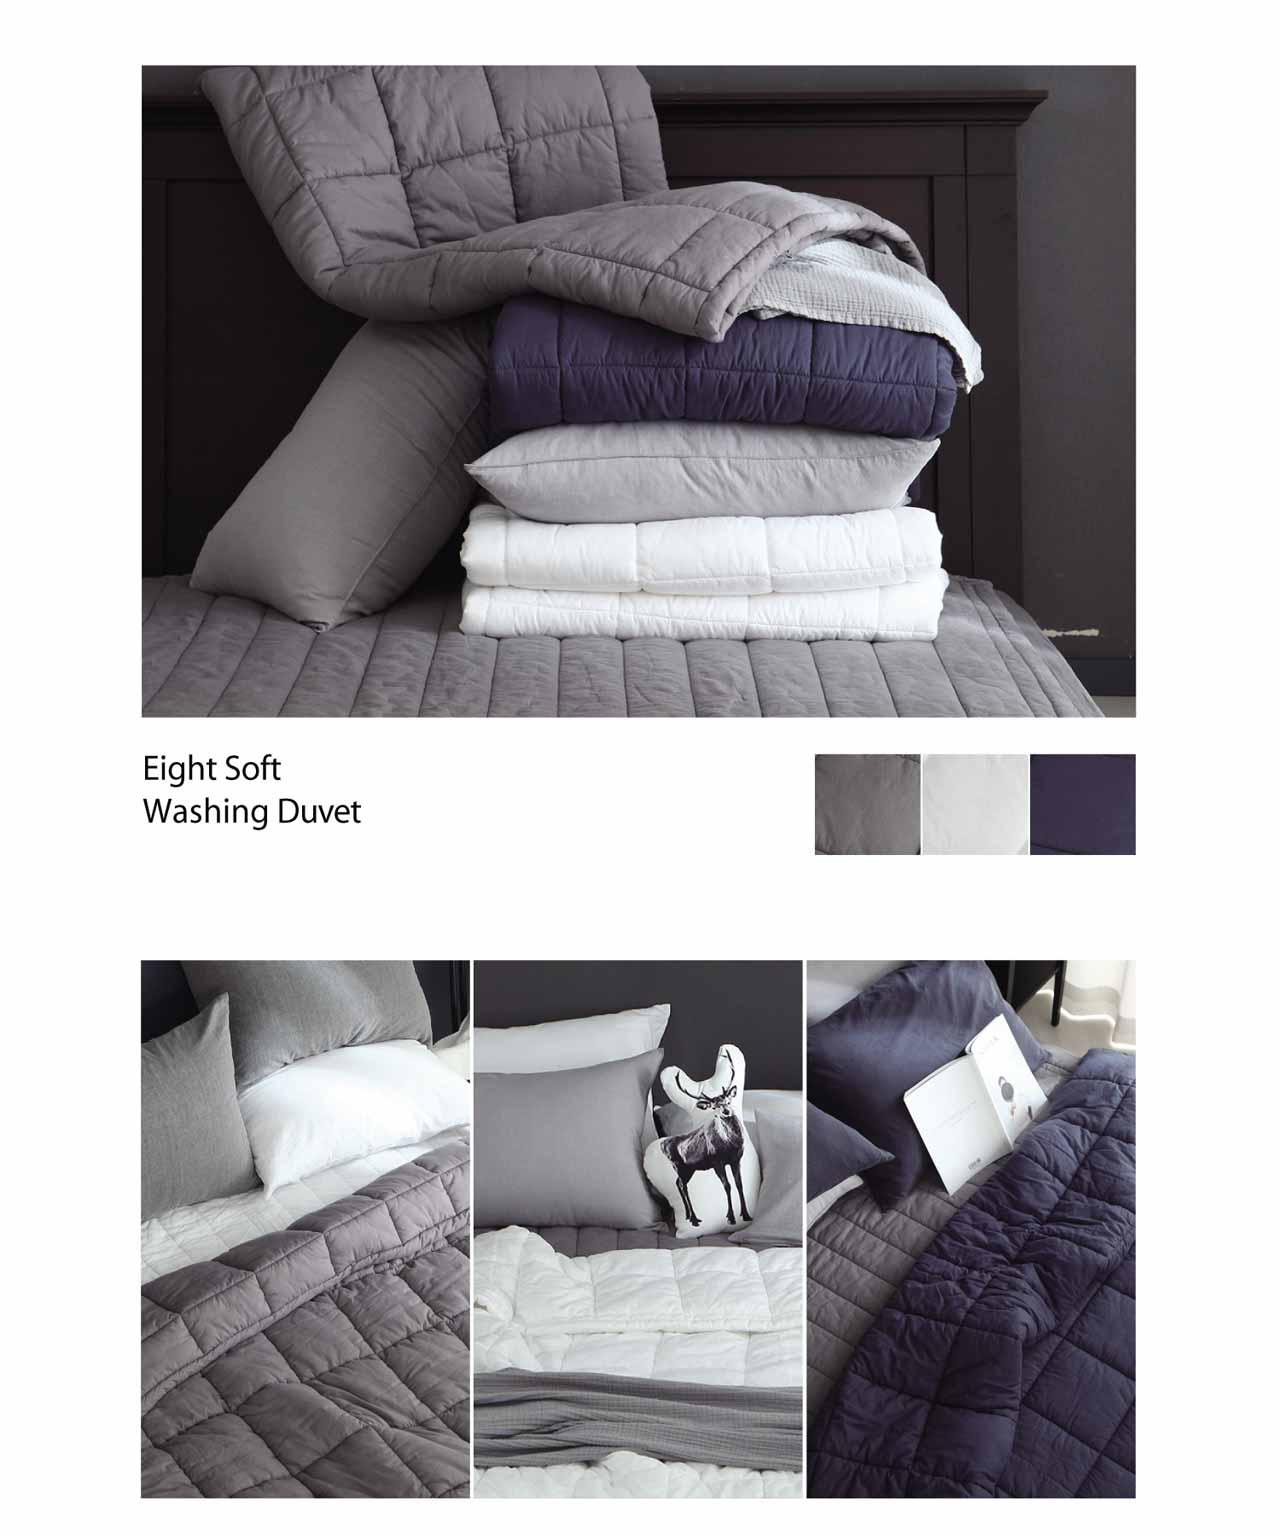 Bộ giường bao gồm chăn mền gối Eight soft